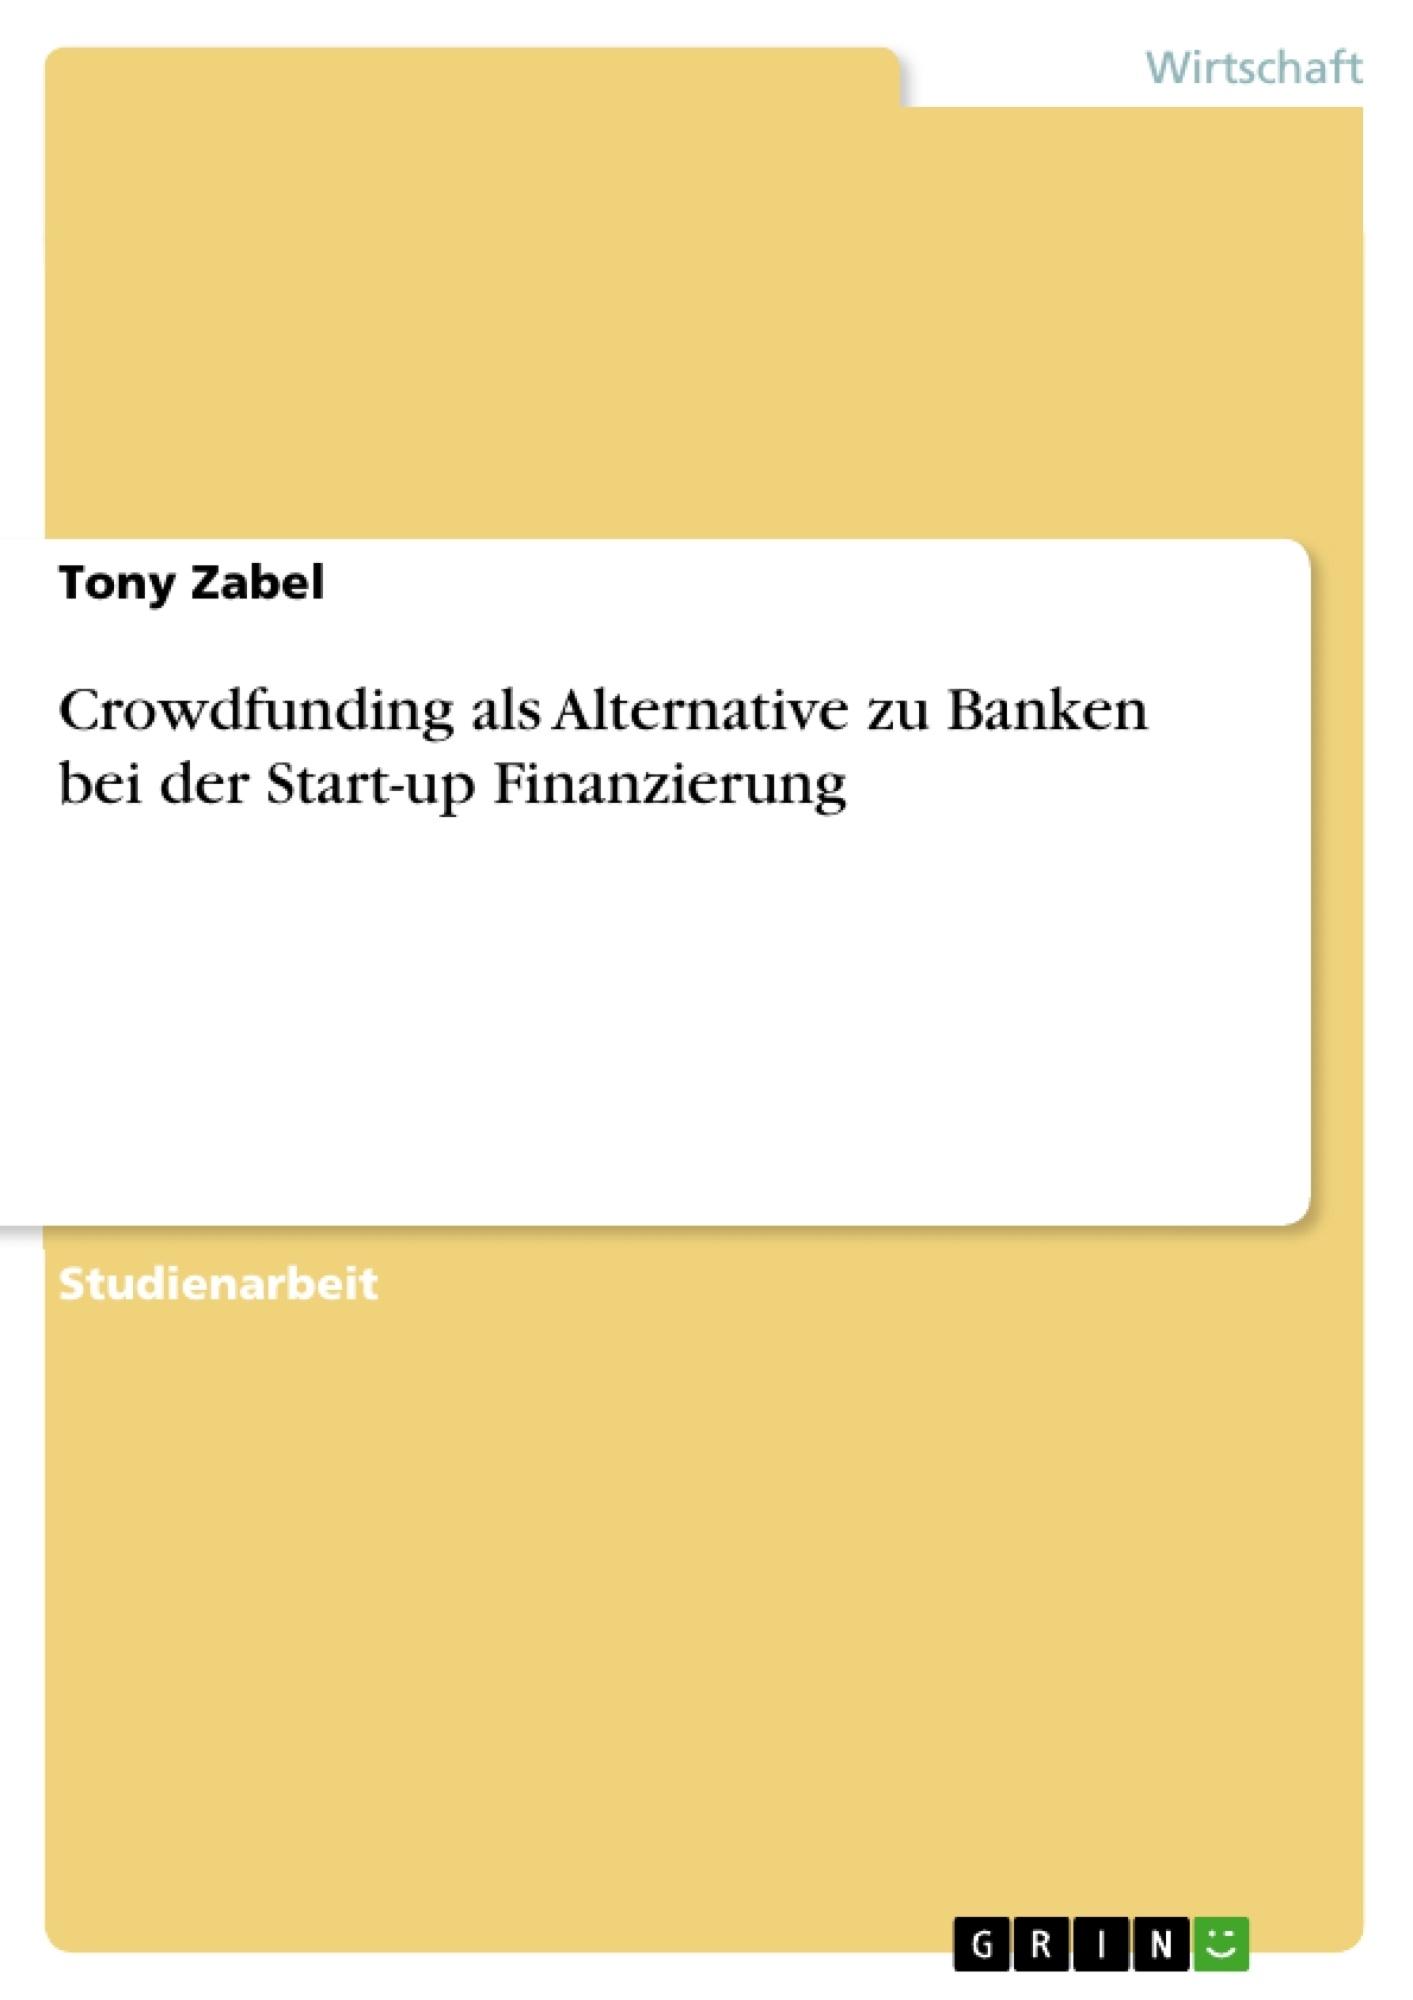 Titel: Crowdfunding als Alternative zu Banken bei der Start-up Finanzierung